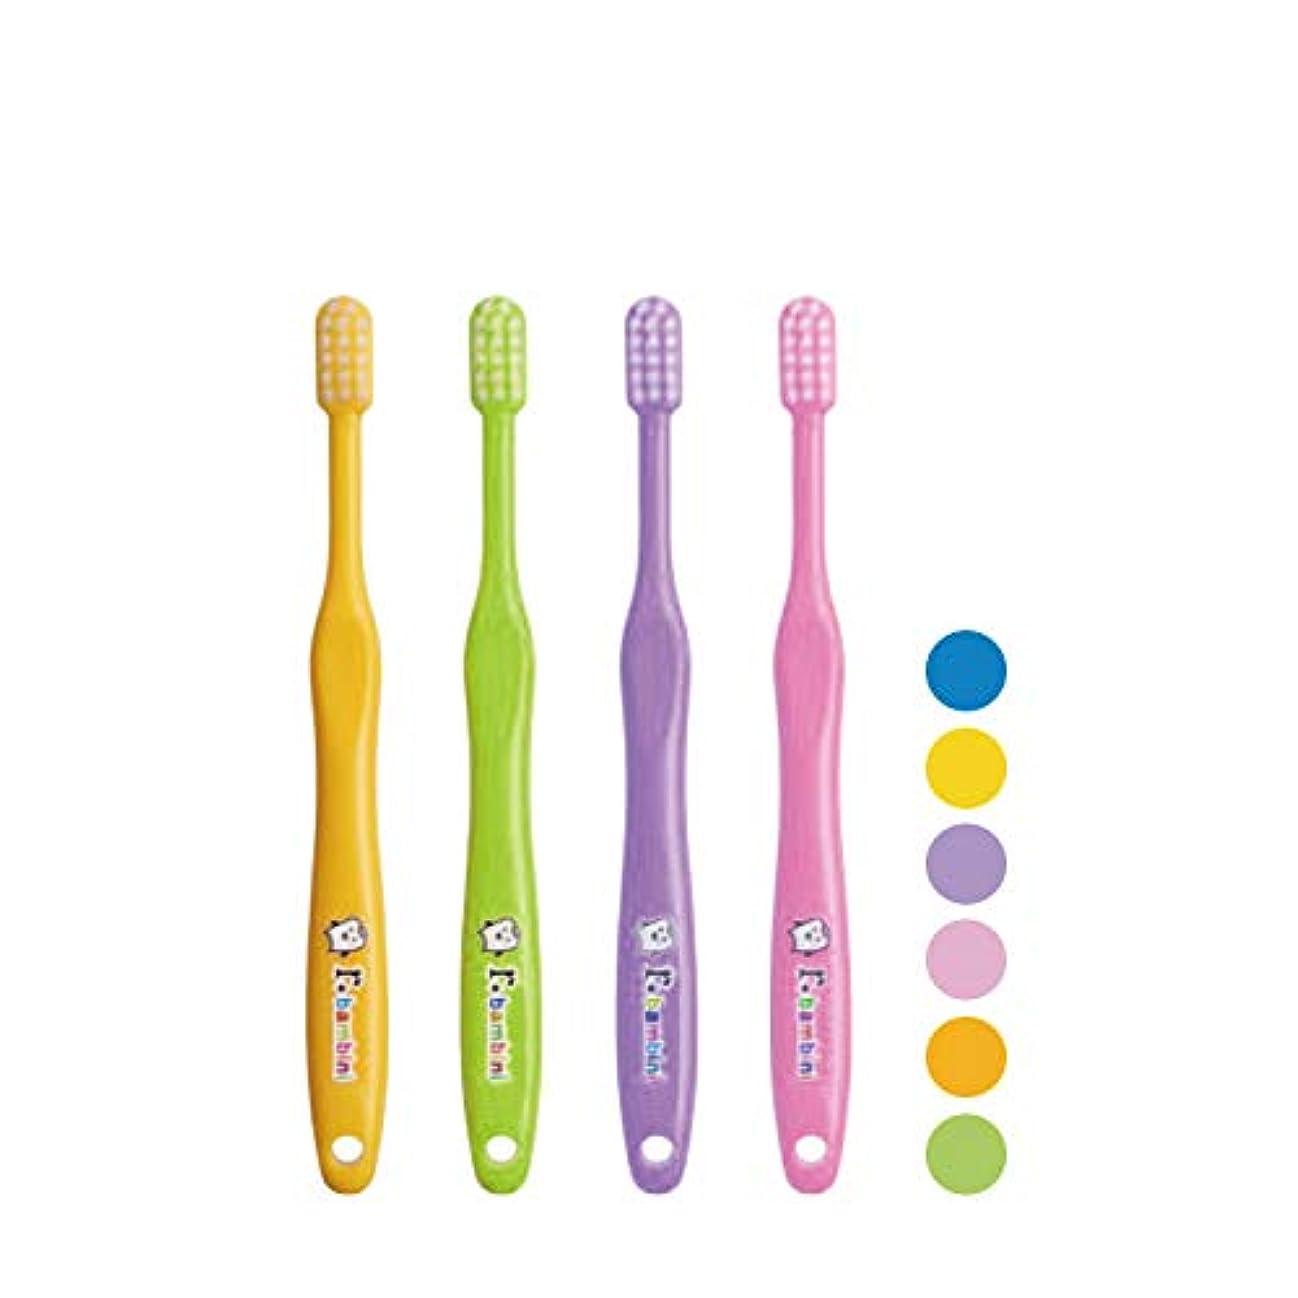 在庫力強いクレデンシャルサムフレンド r(アール) シリーズ アール バンビーニ 子ども用 歯ブラシ?12本セット S (やわらかめ)